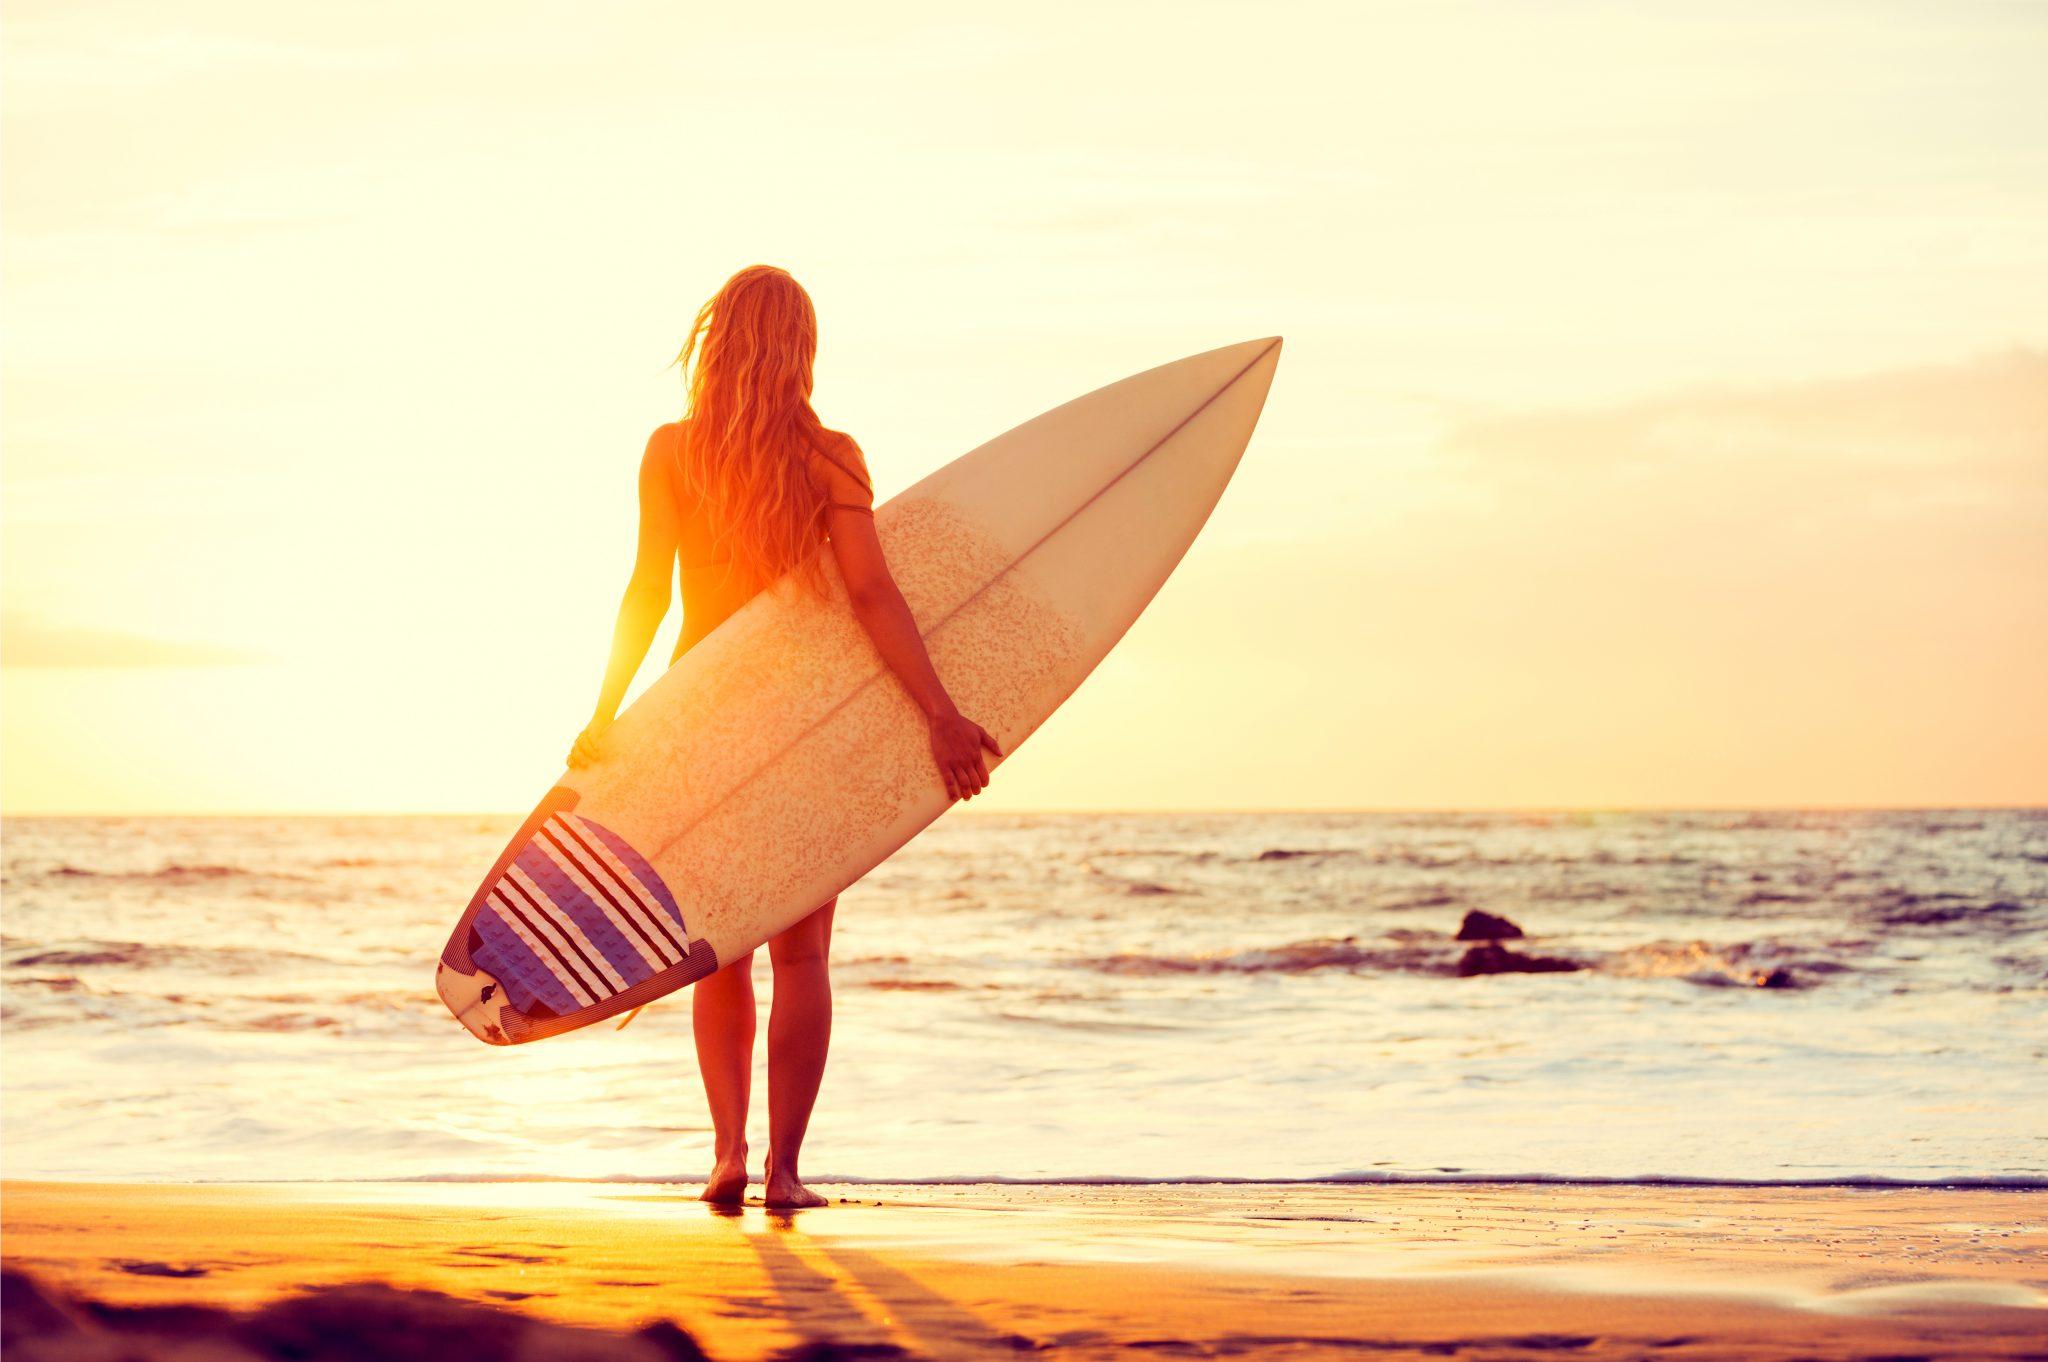 サーフボードを持って夕焼けを見ている女性